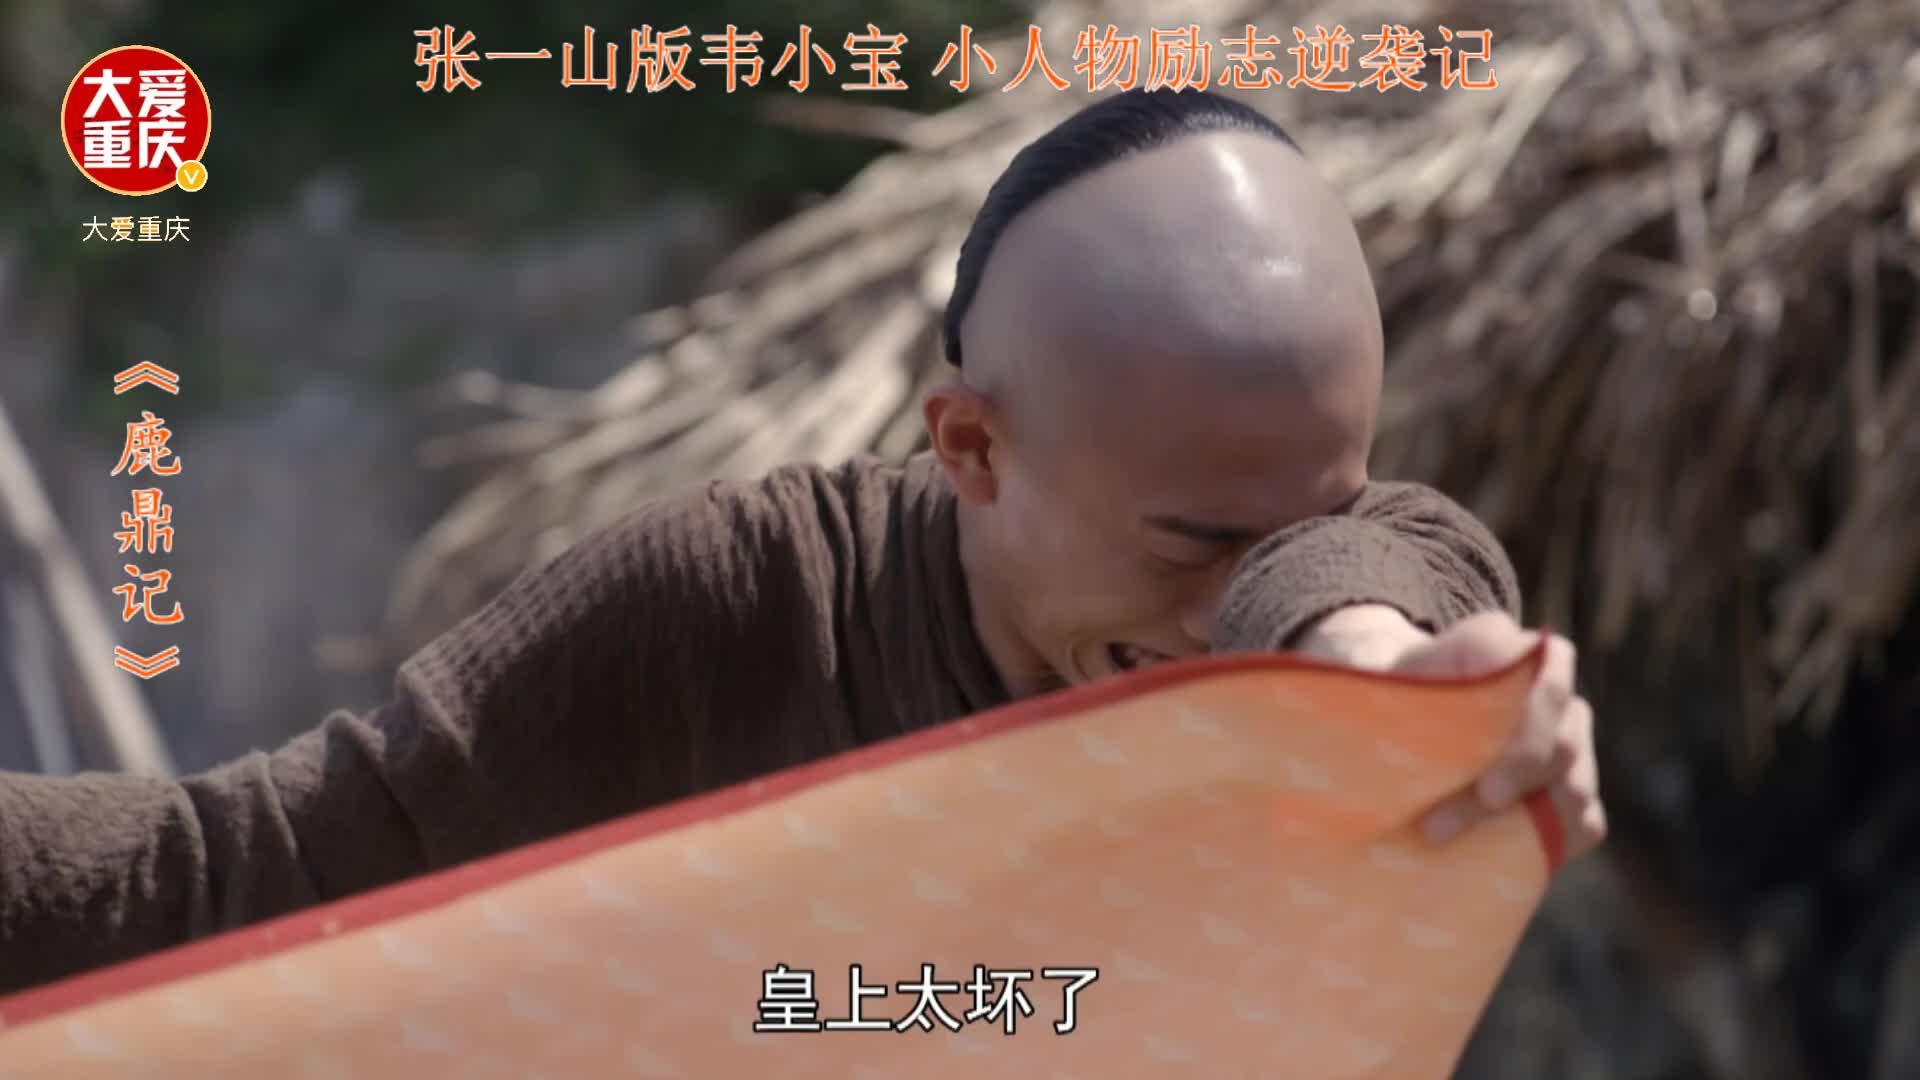 张一山 新鹿鼎记 影视剧情剪辑 第 (33)